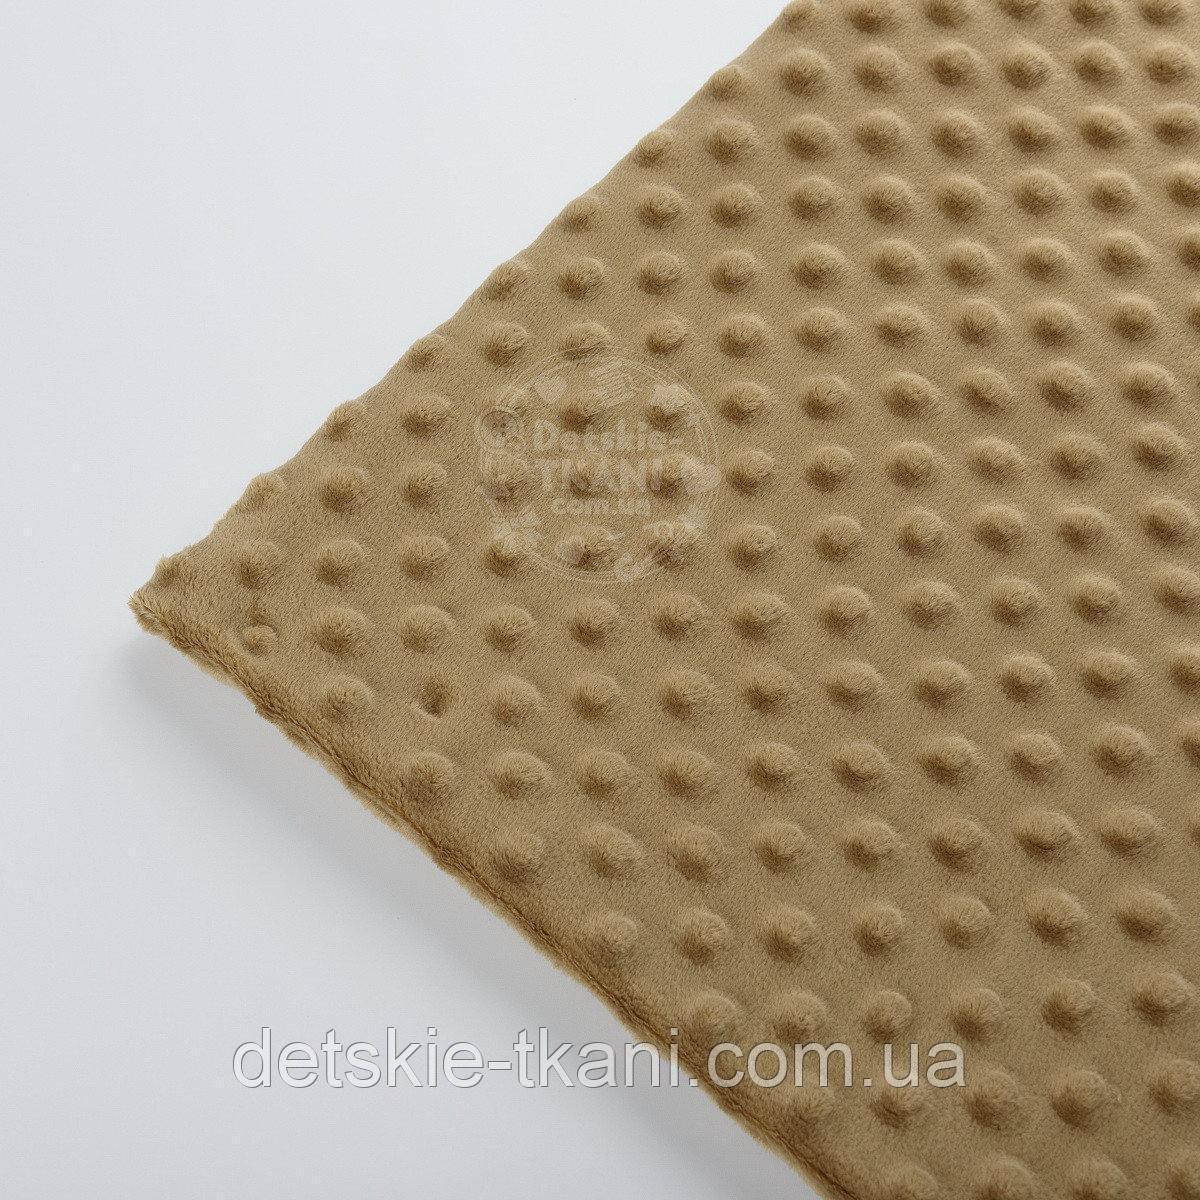 Лоскут плюша  minky цвет: новый капучино ОМ-11123, размер 70*80 см